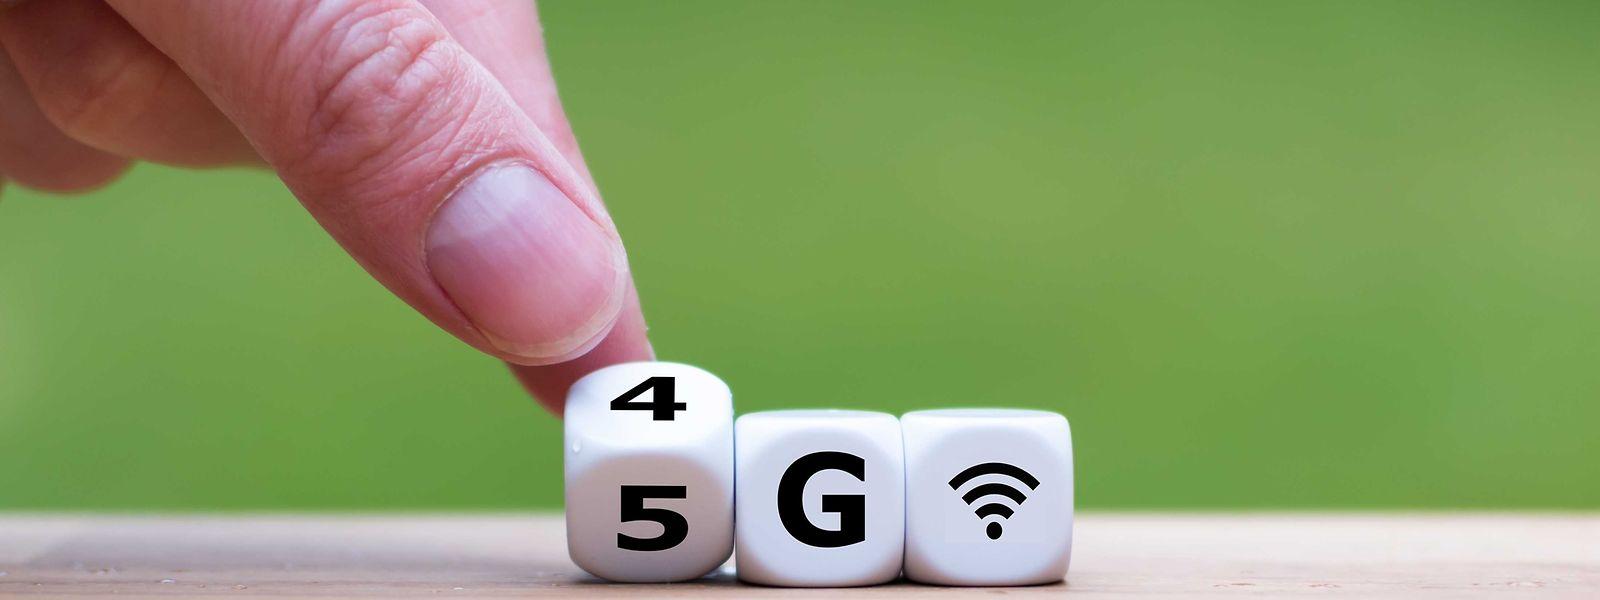 Cinq opérateurs se présentent pour les enchères liées à la 5G.